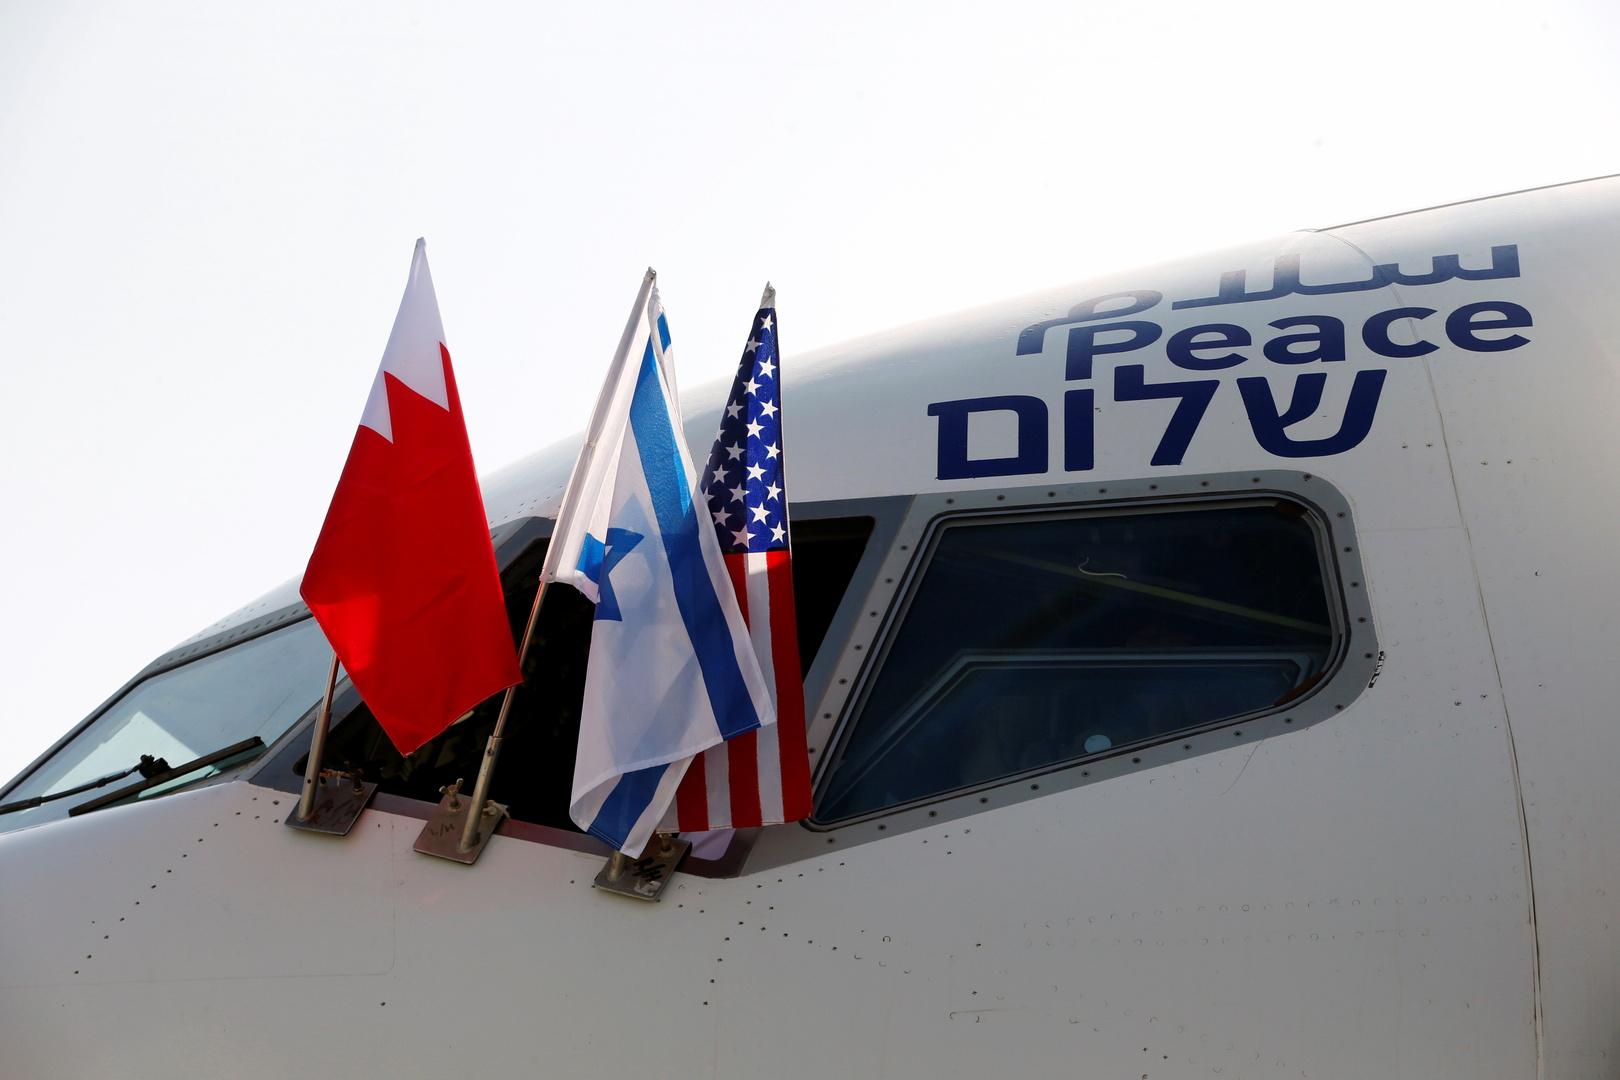 العلم الأمريكي والإسرائيلي والبحريني